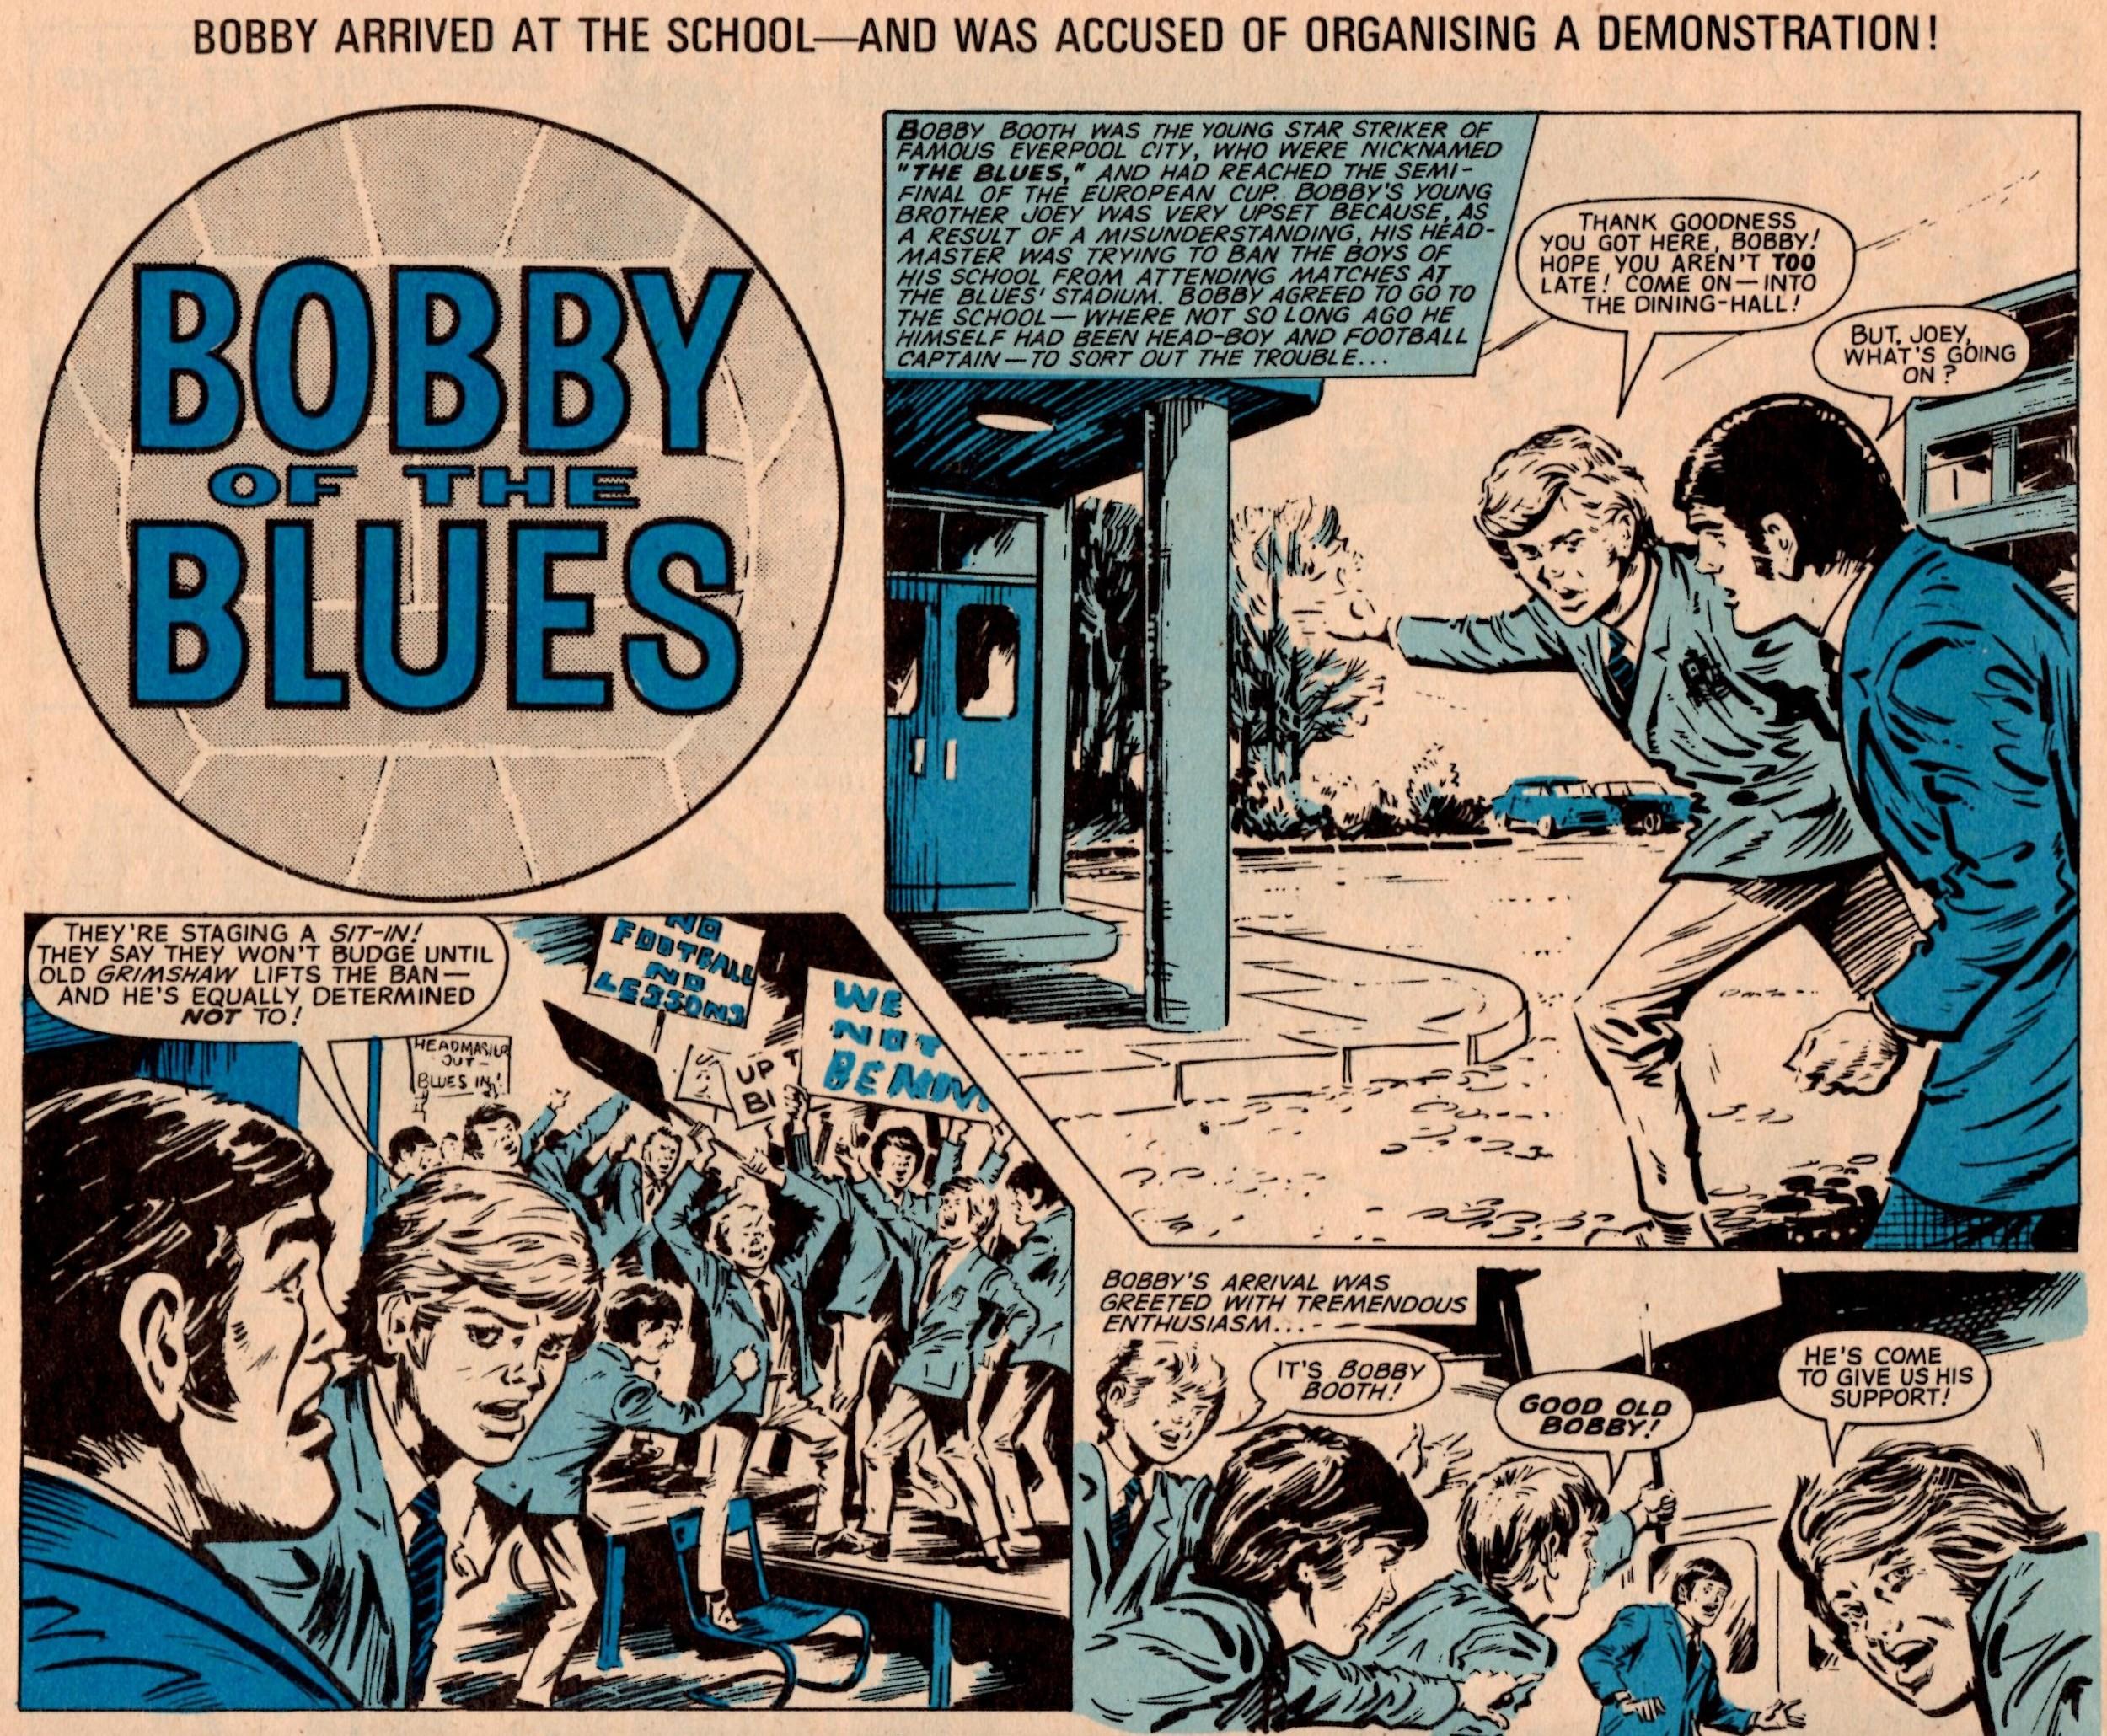 Bobby of the Blues: Tony Harding (artist)